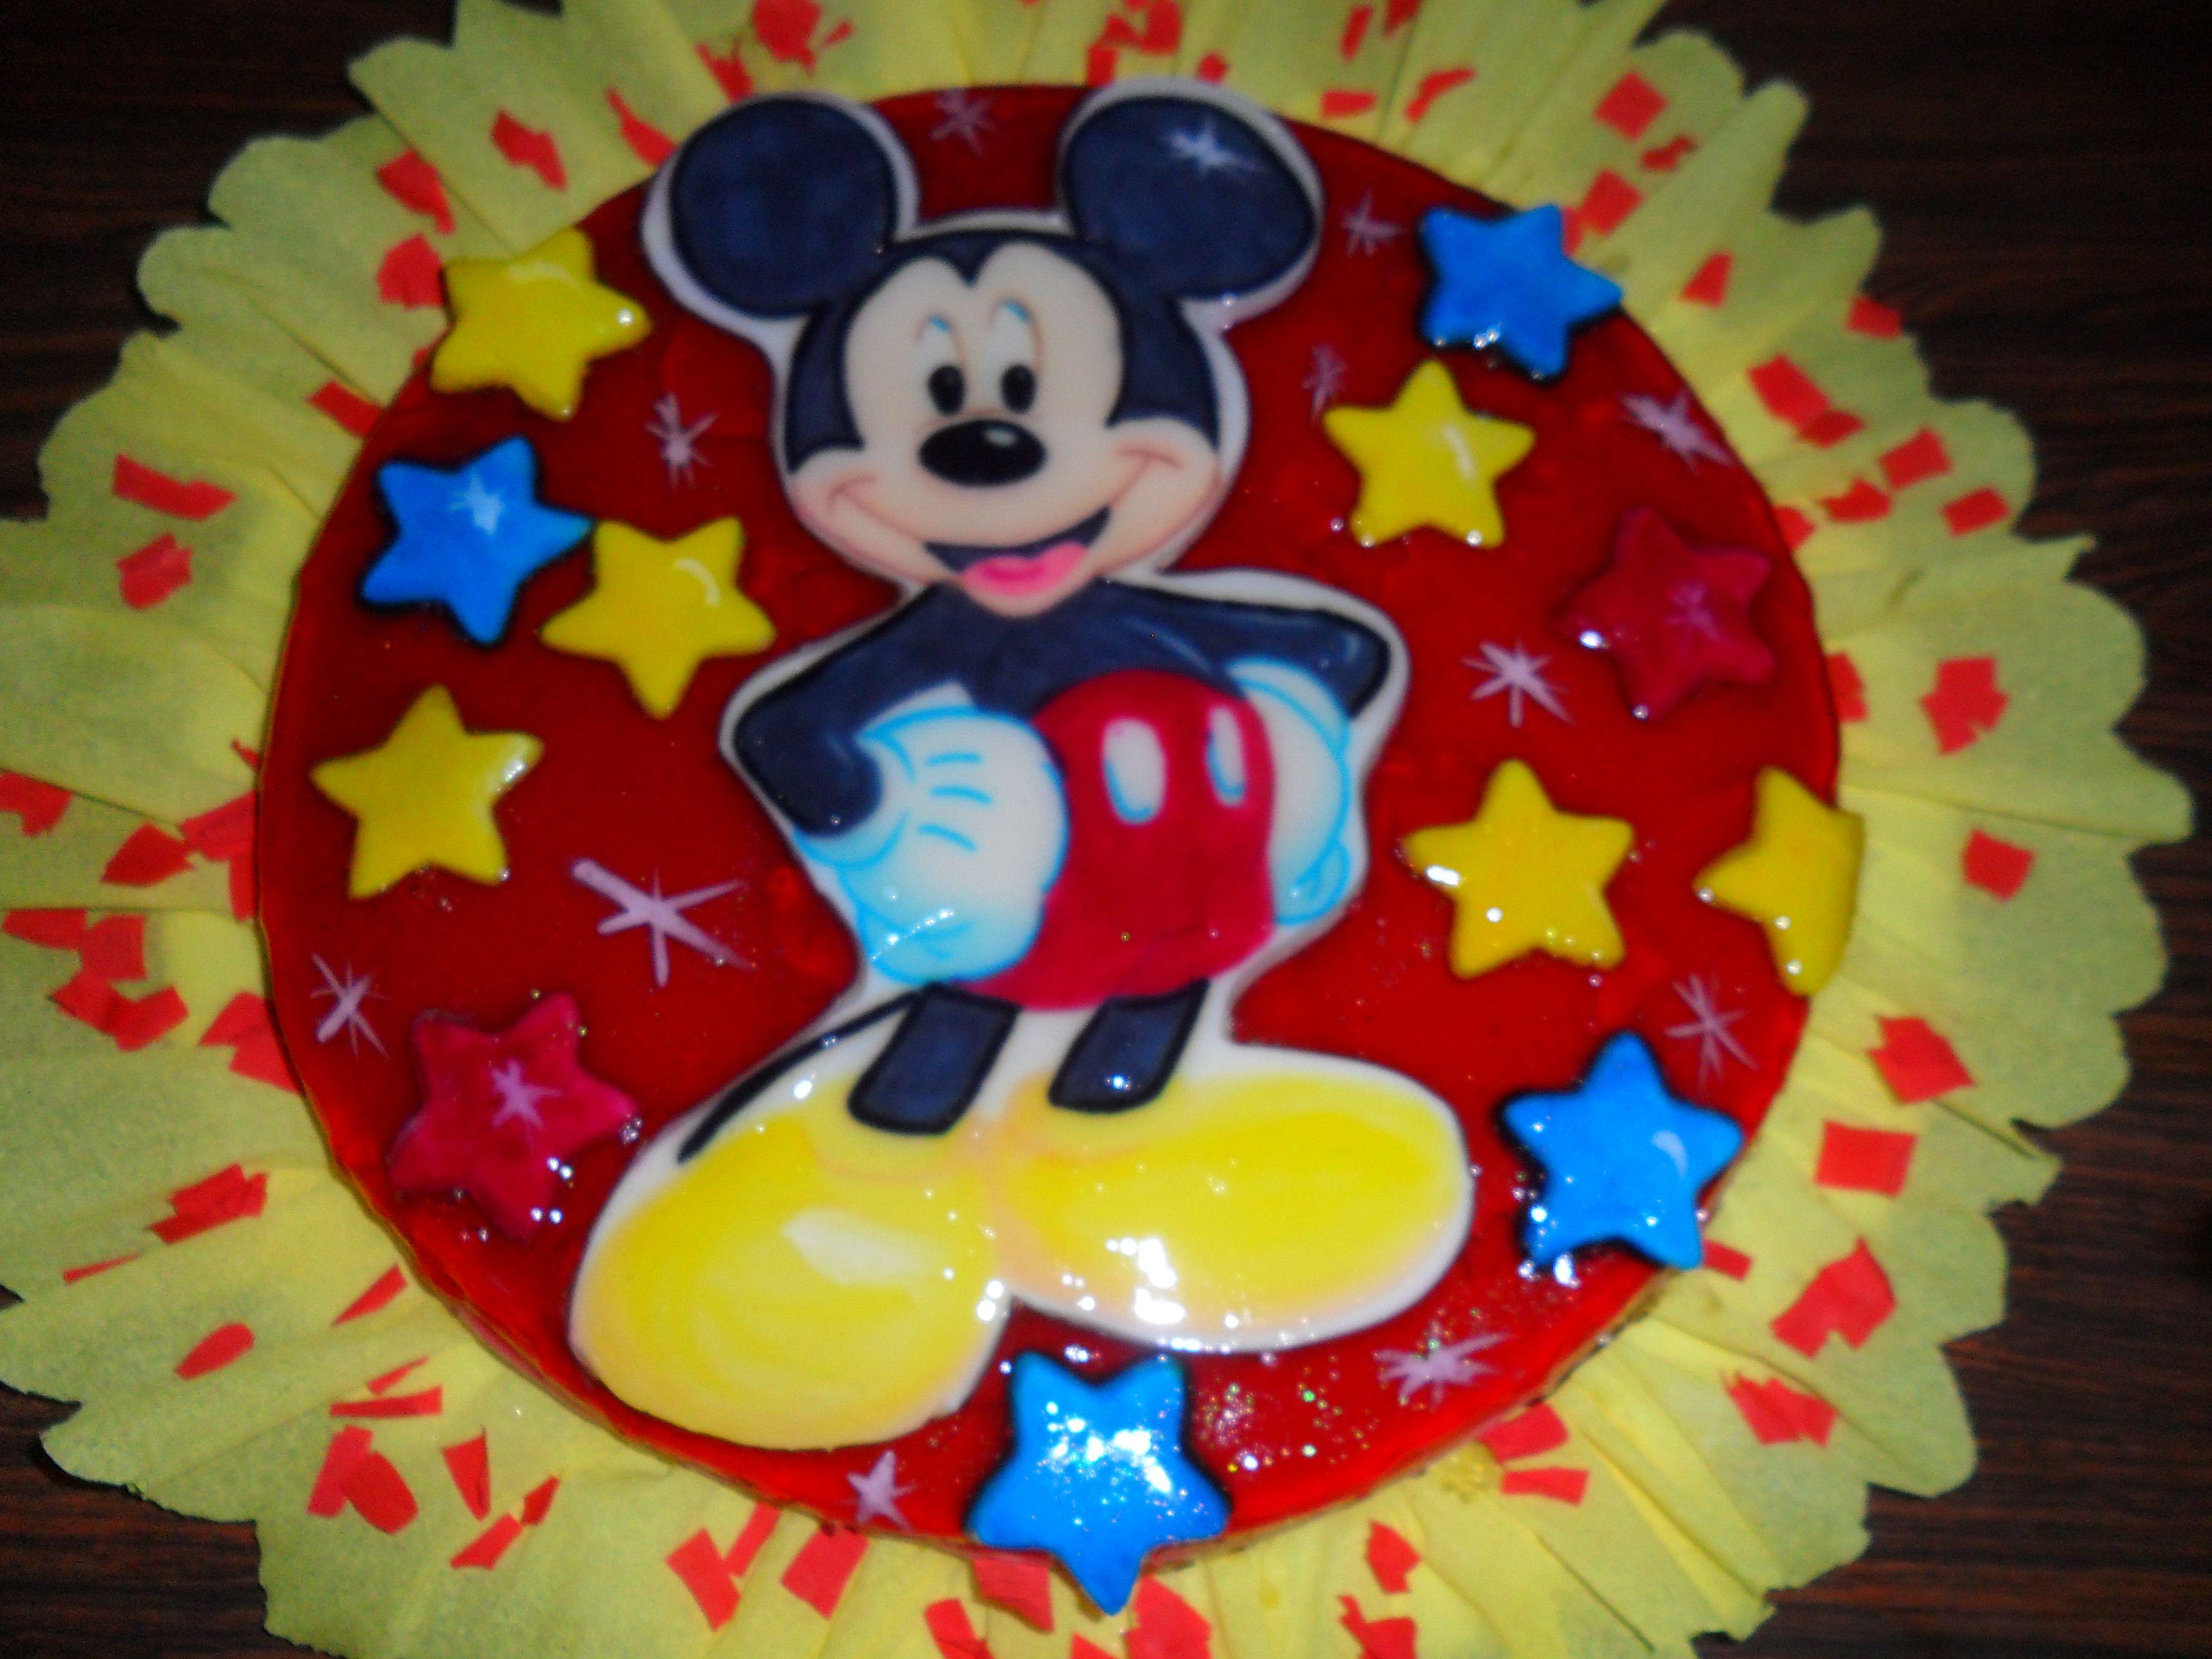 Gelatina De Mickey Mouse Tortas Gelatinas Y Algo Mas